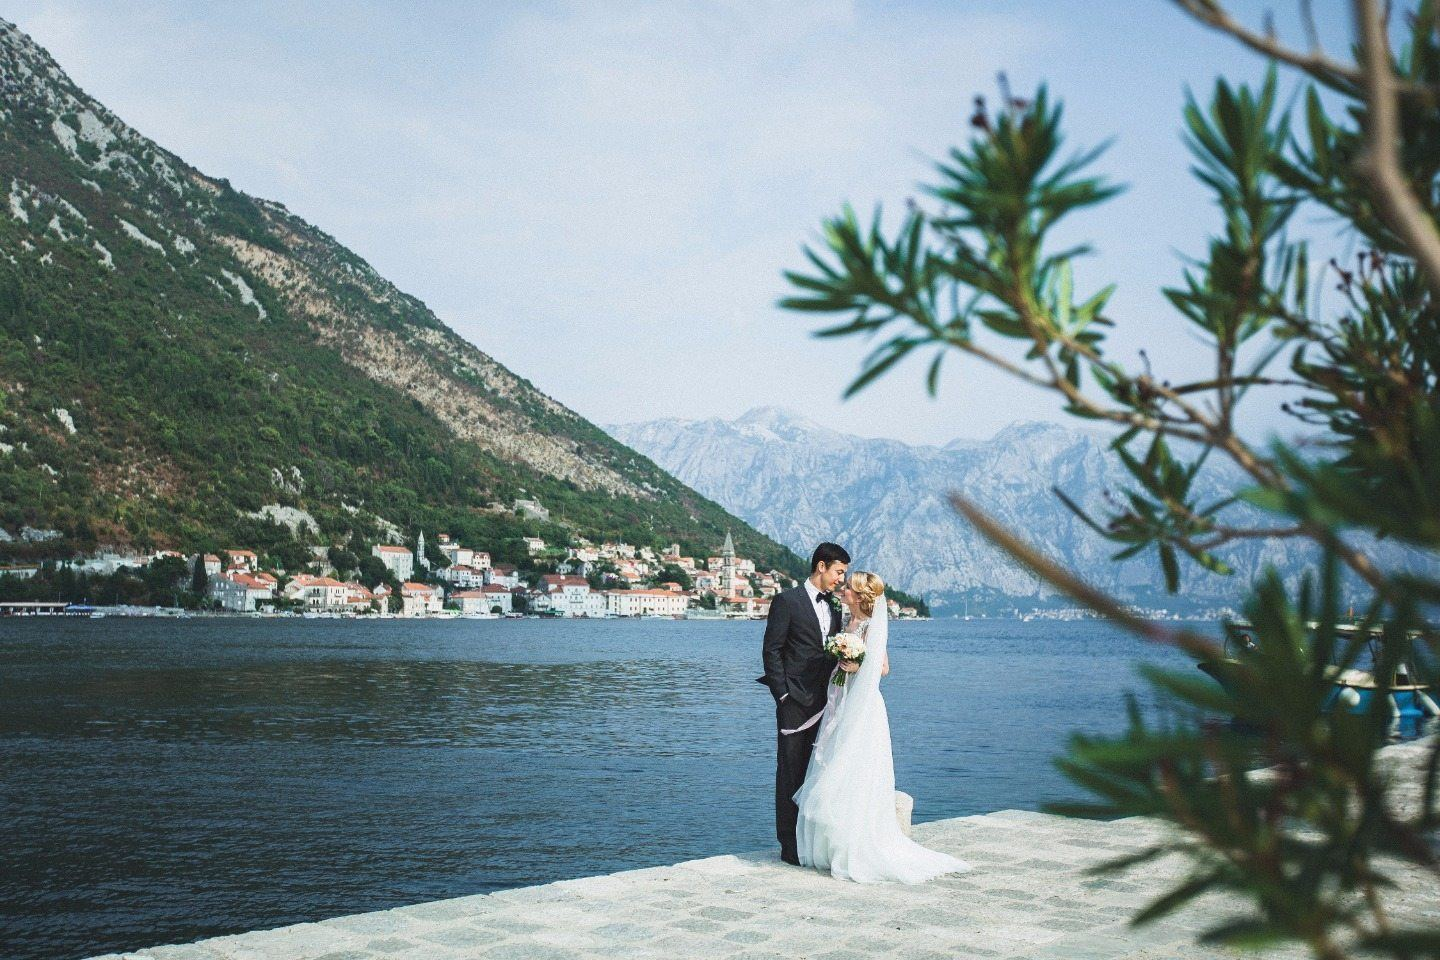 Свадебный бюджет: 10 базовых принципов